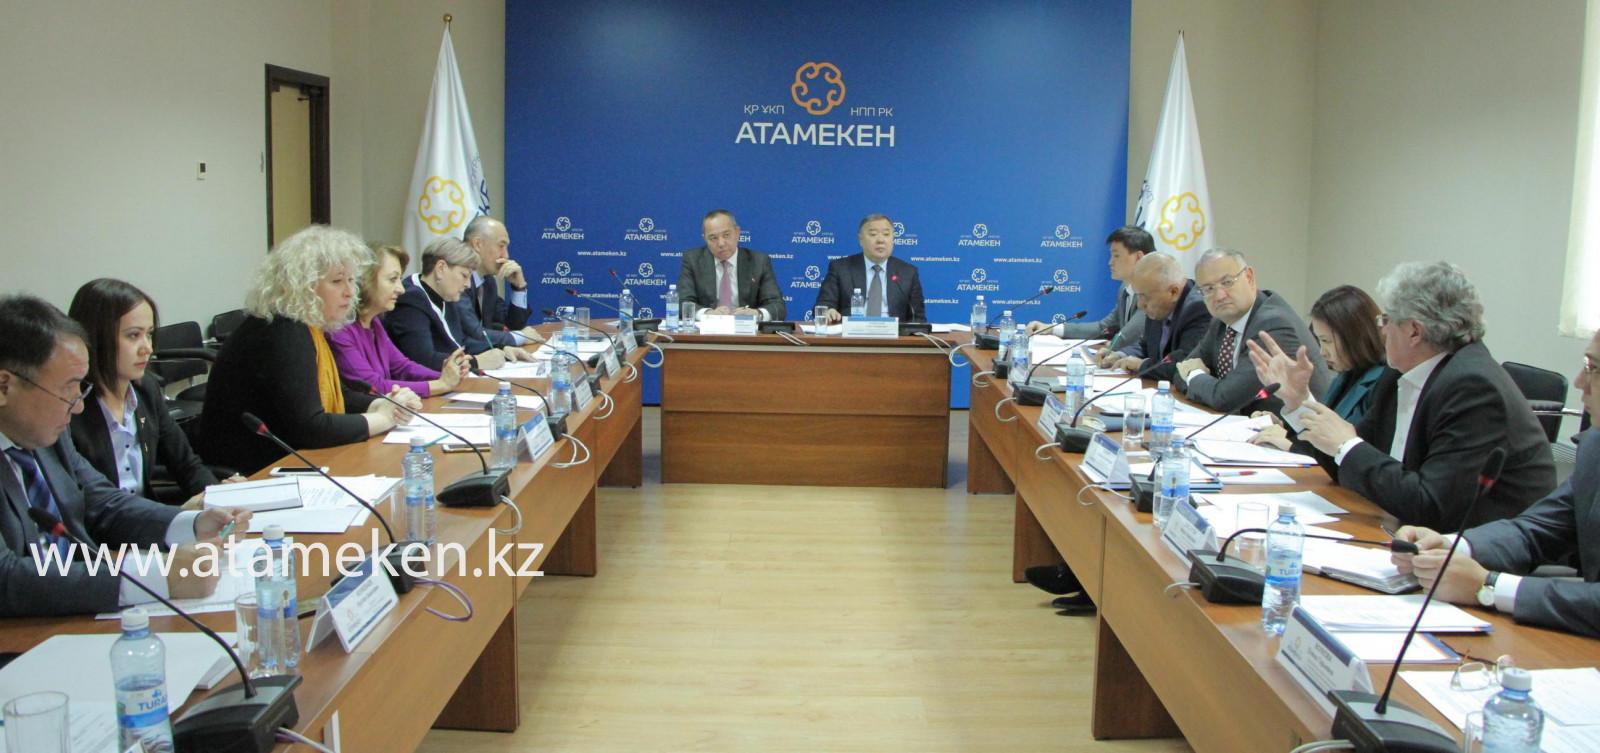 Опыт саморегулирования оценщиков и юристов обсудили на заседании комитета президиума НПП РК «Атамекен»